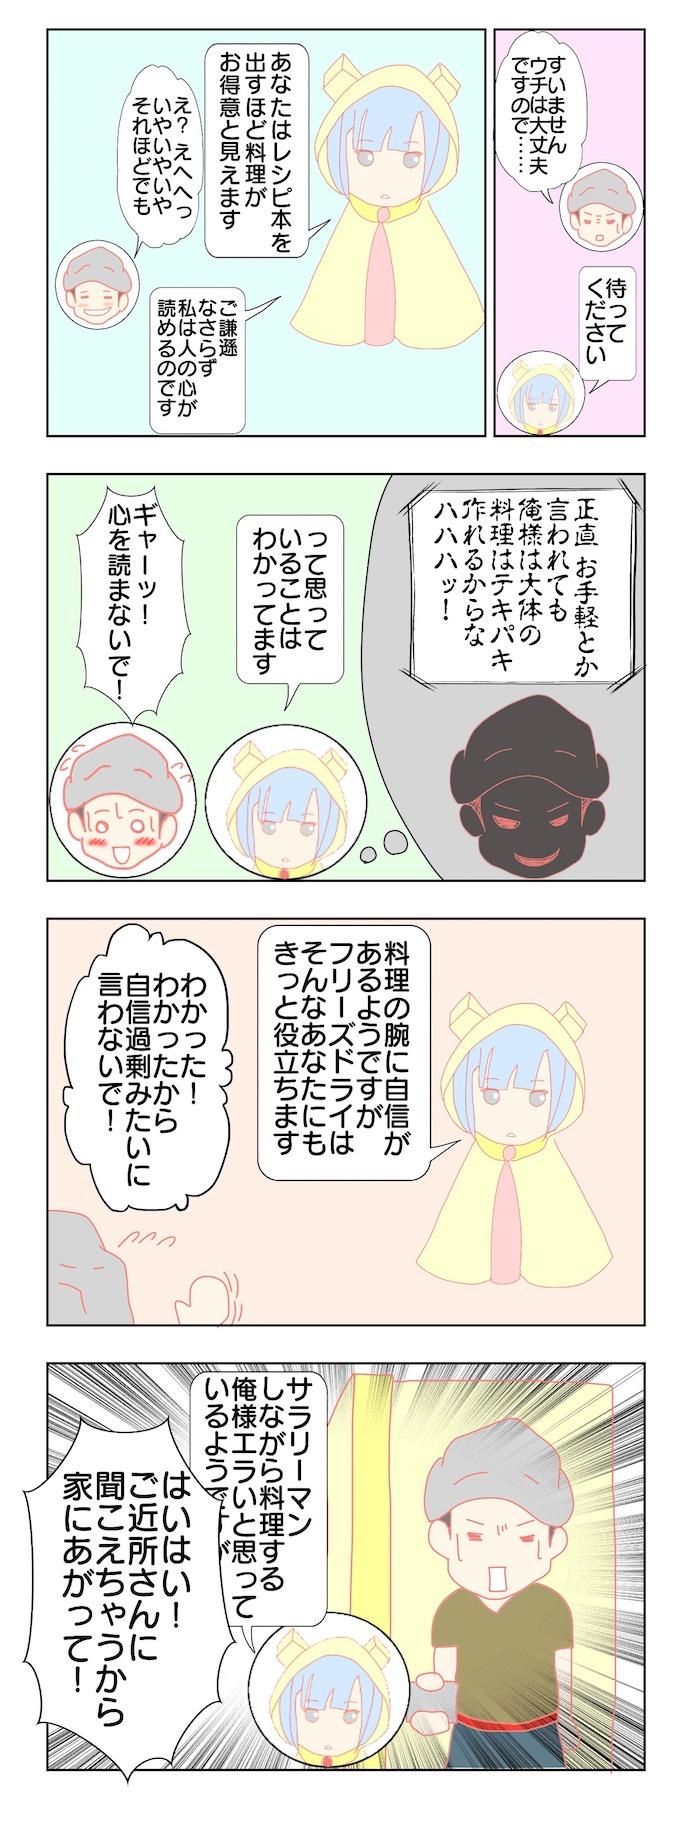 キムケン第一回漫画2